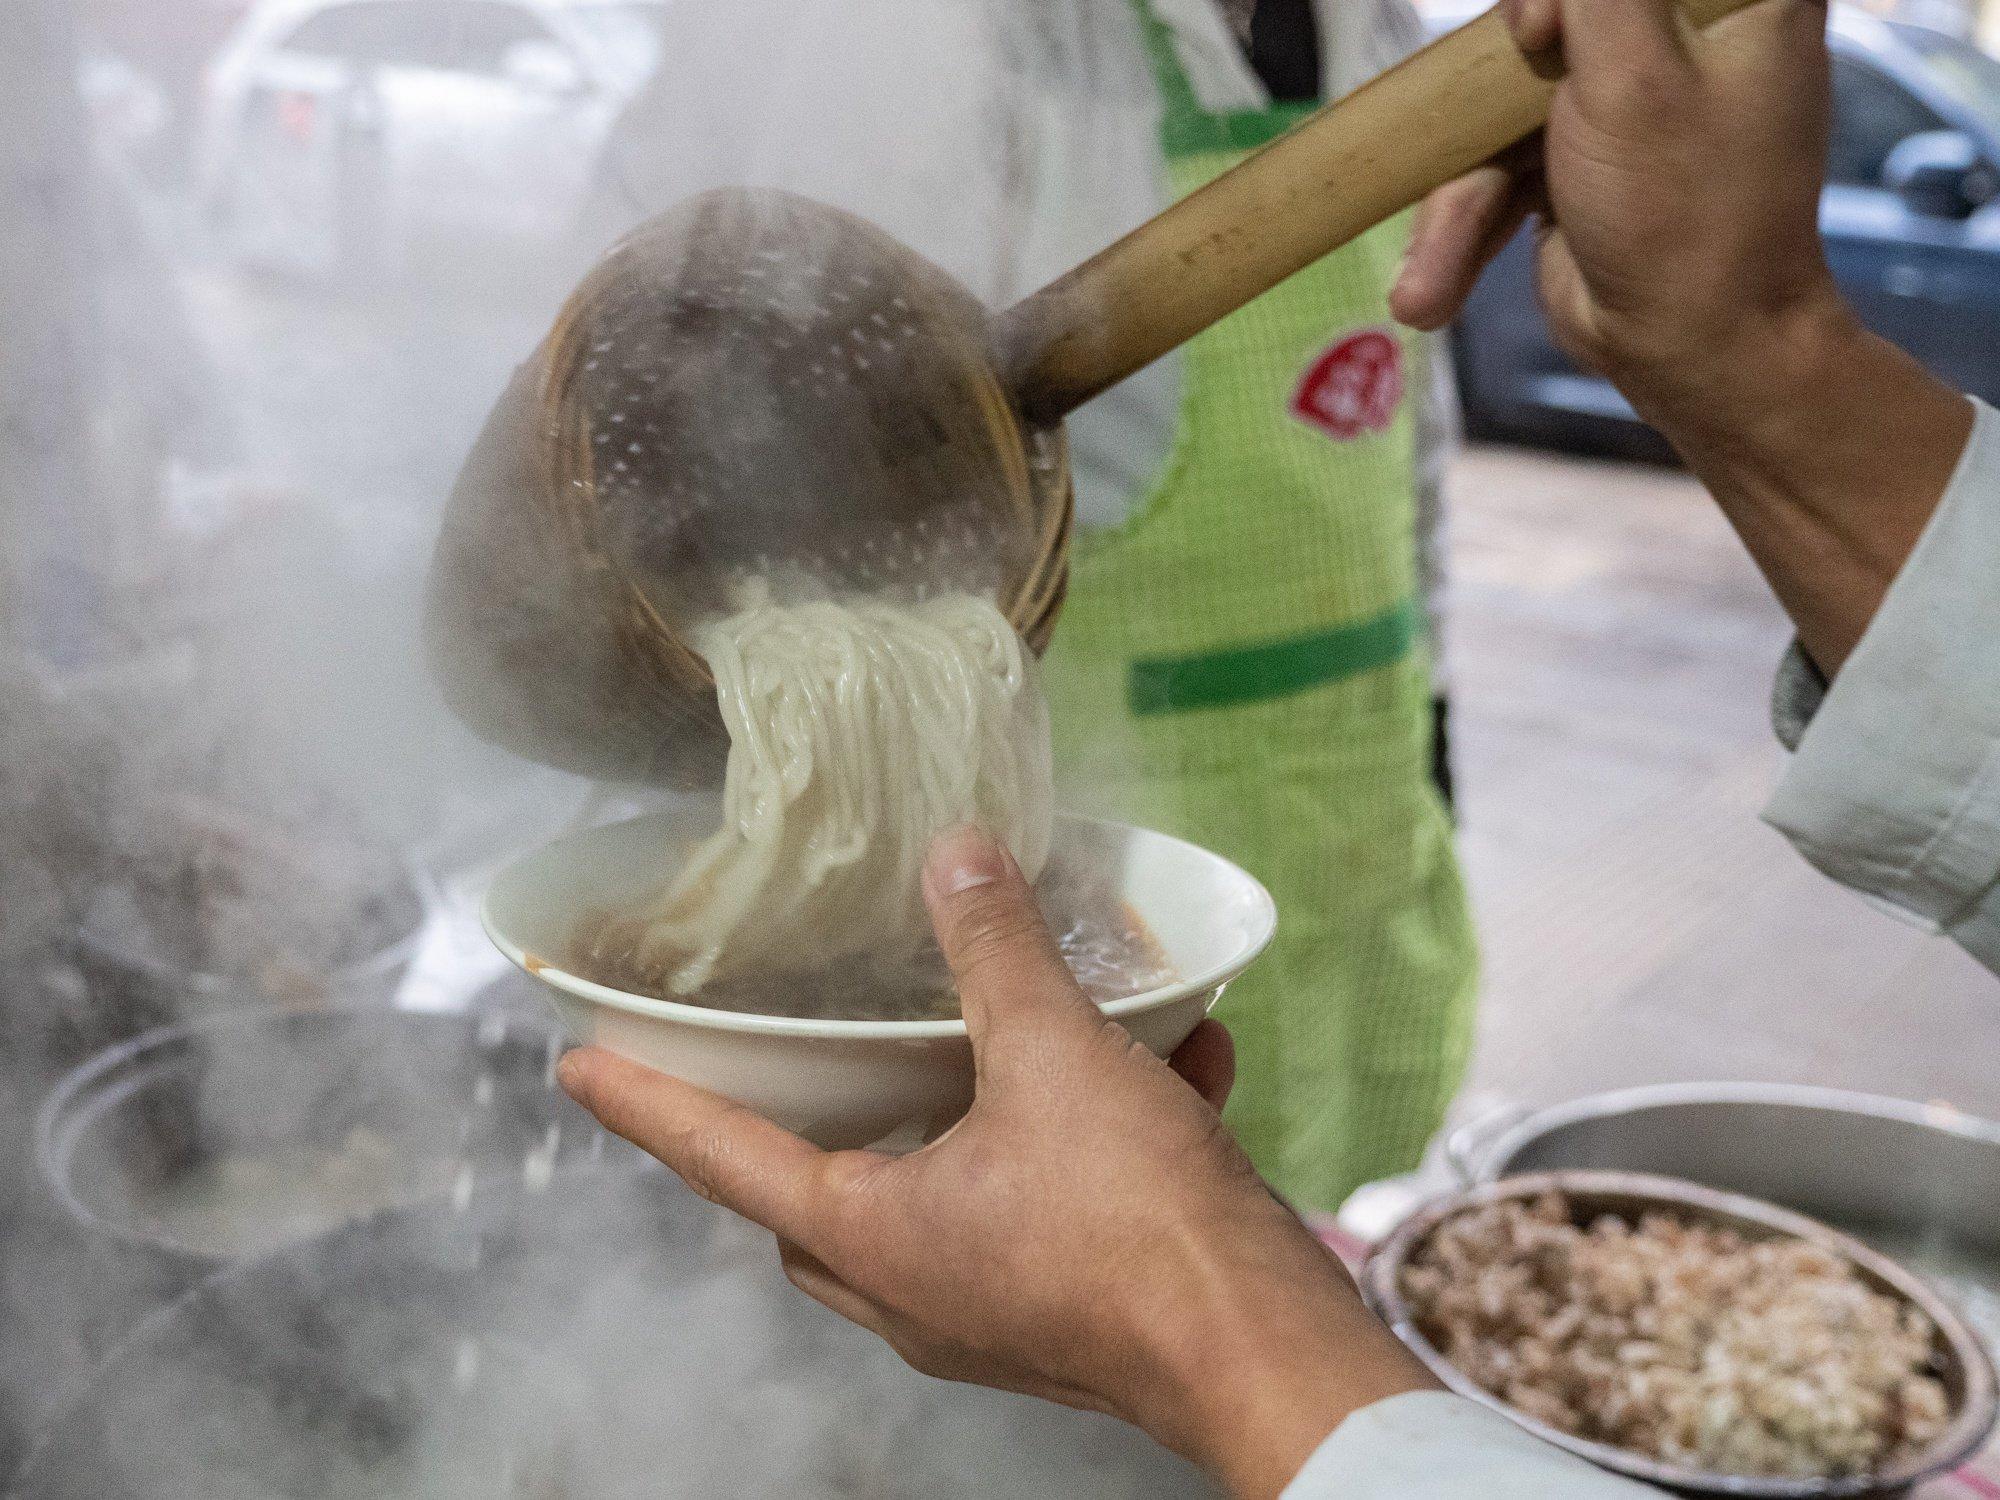 ganji feichangfen sweet potato starch noodles